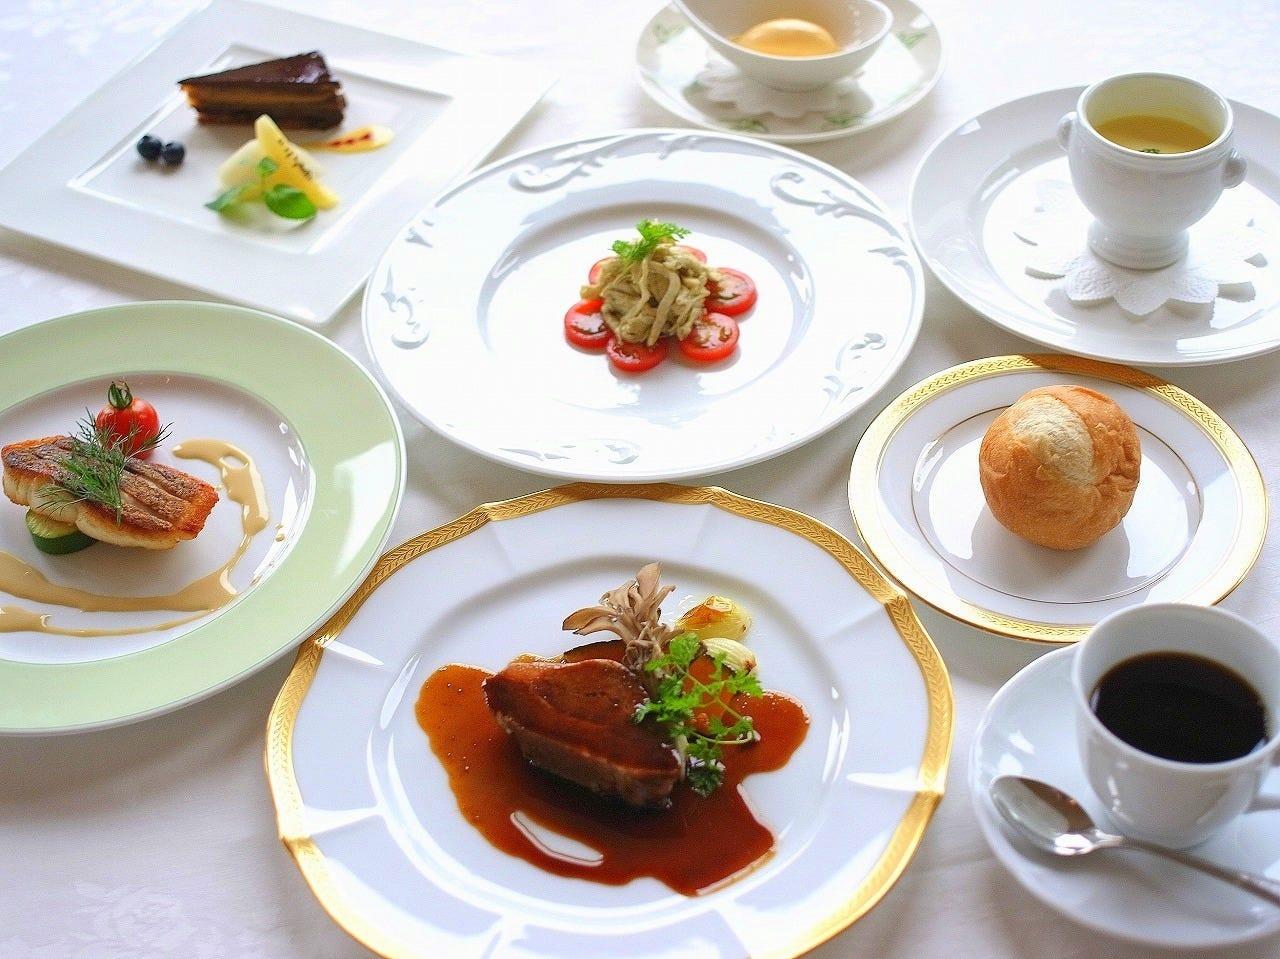 季節の厳選食材を使用したフレンチ 様々な用途にご利用頂けます